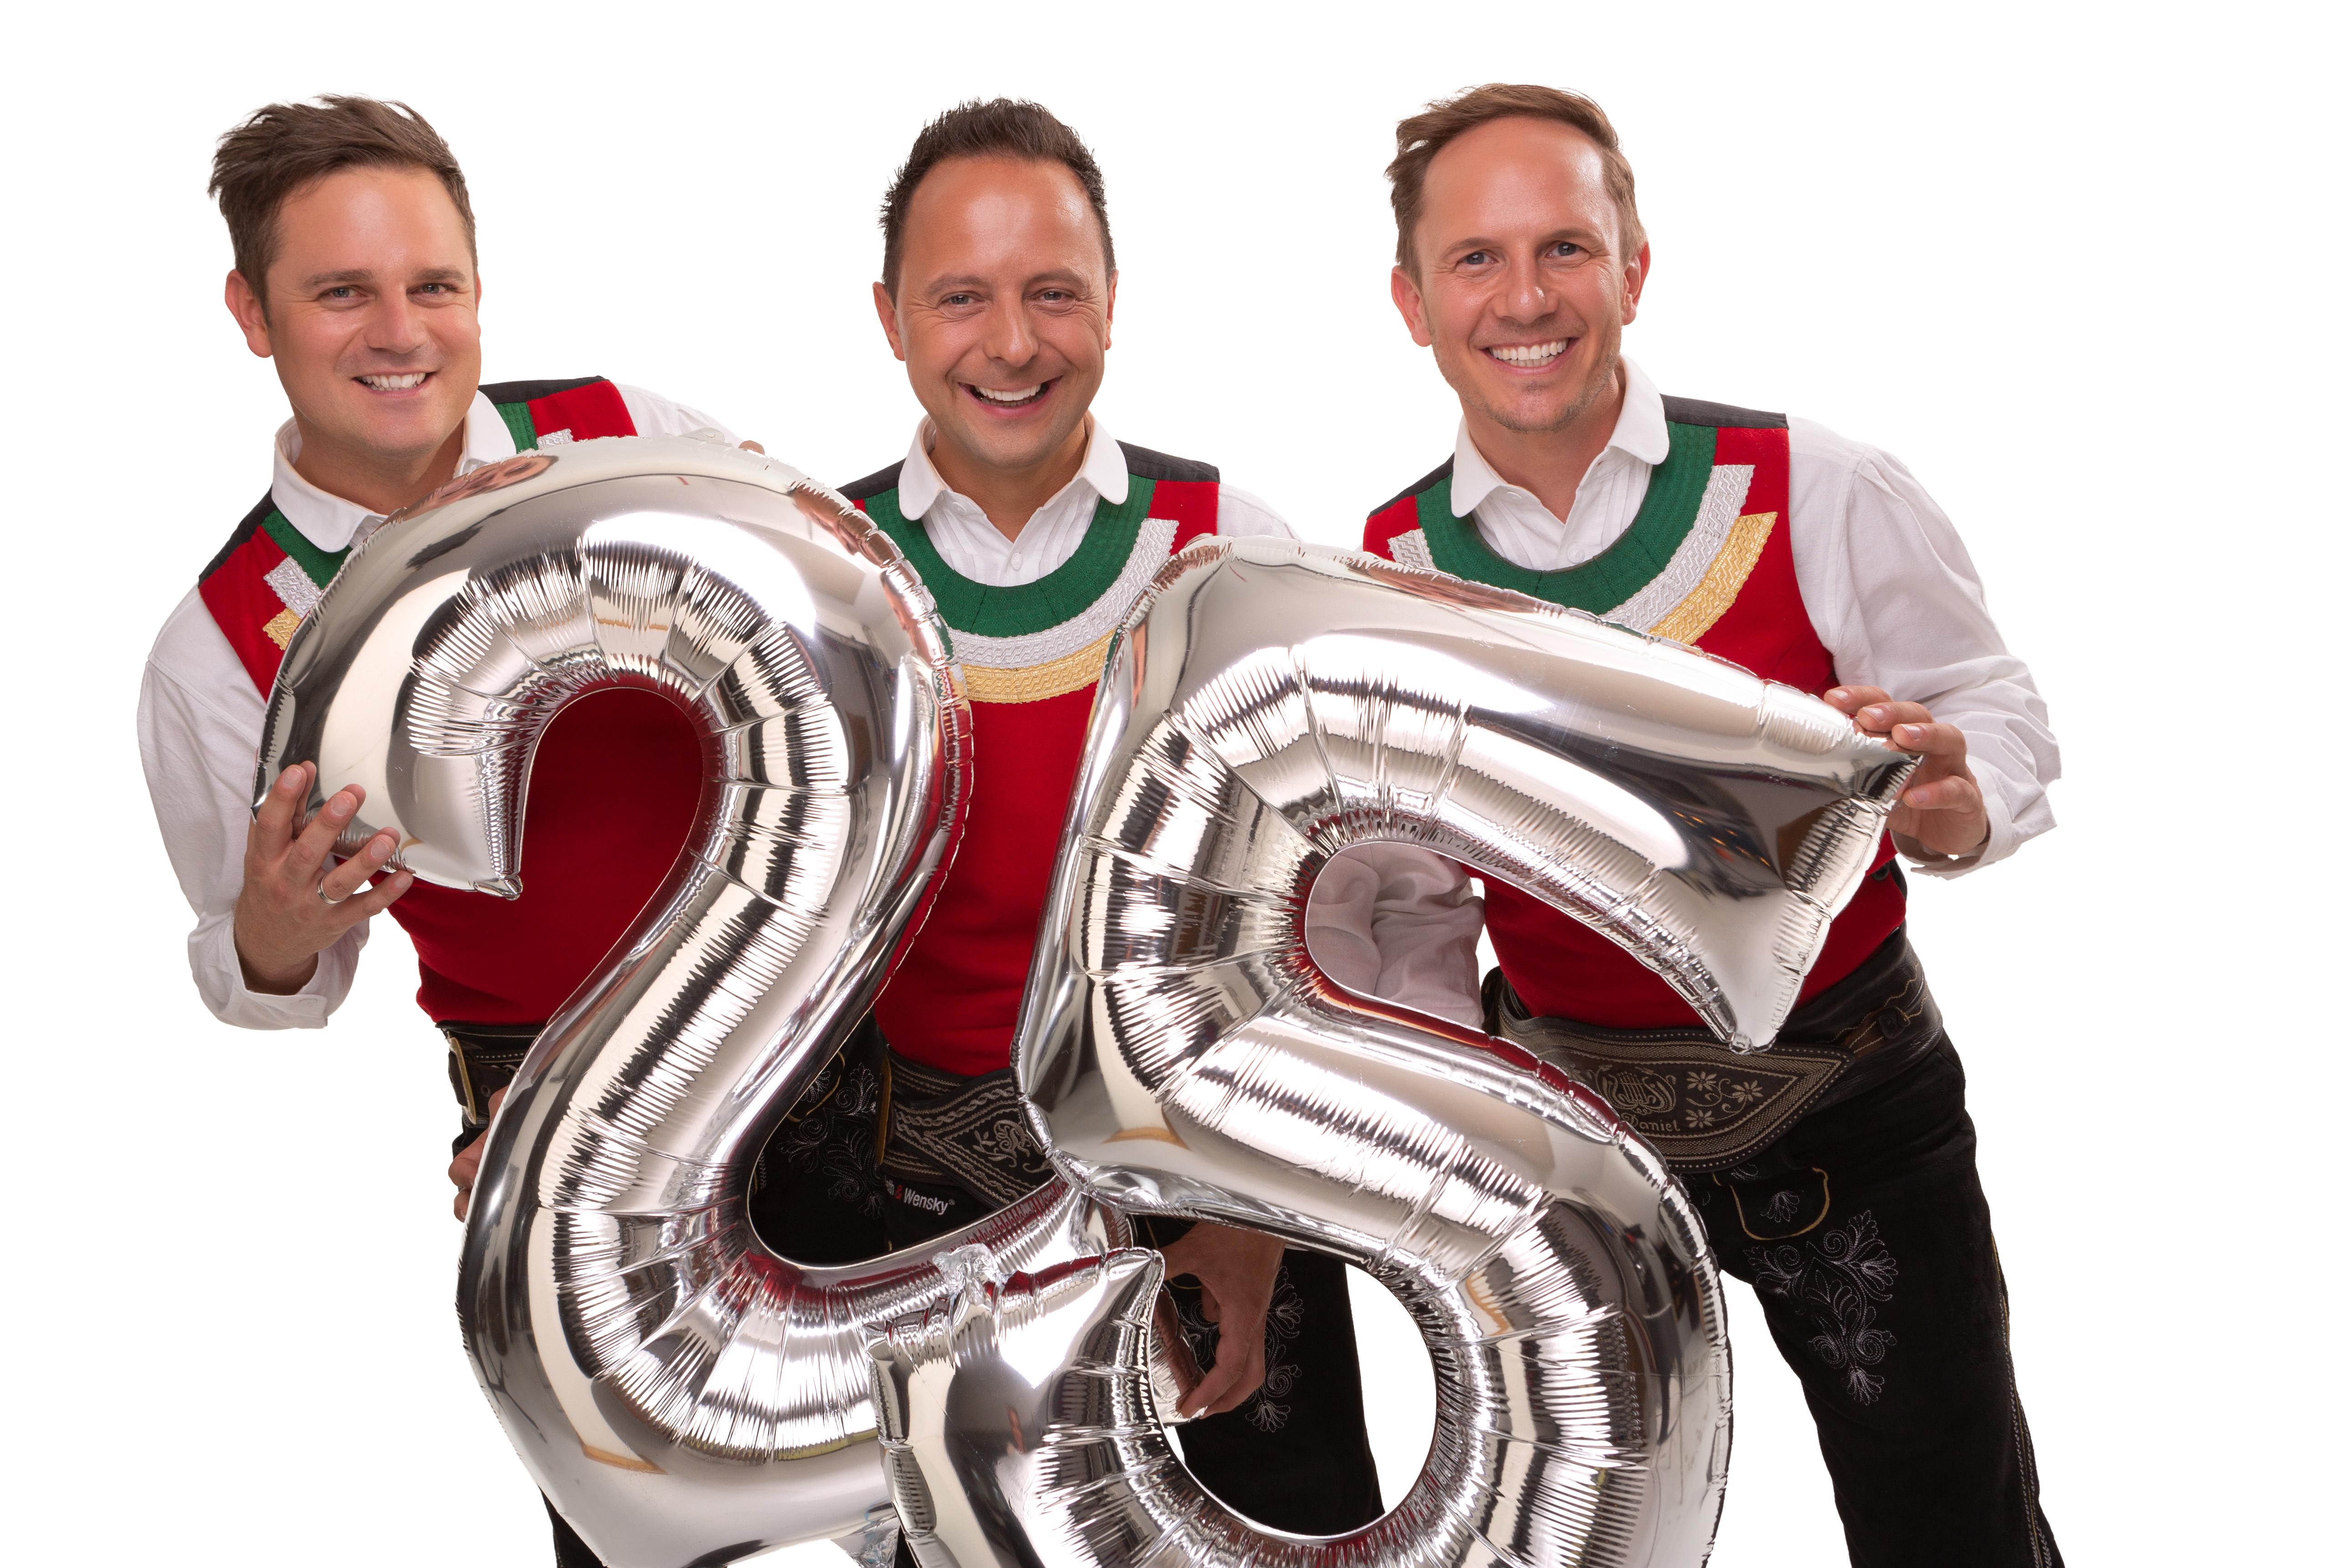 Die jungen Zillertaler feiern Jubiläum, Michael, Markus und Daniel mit einem Luftballon und den Zahlen 2 und 5.